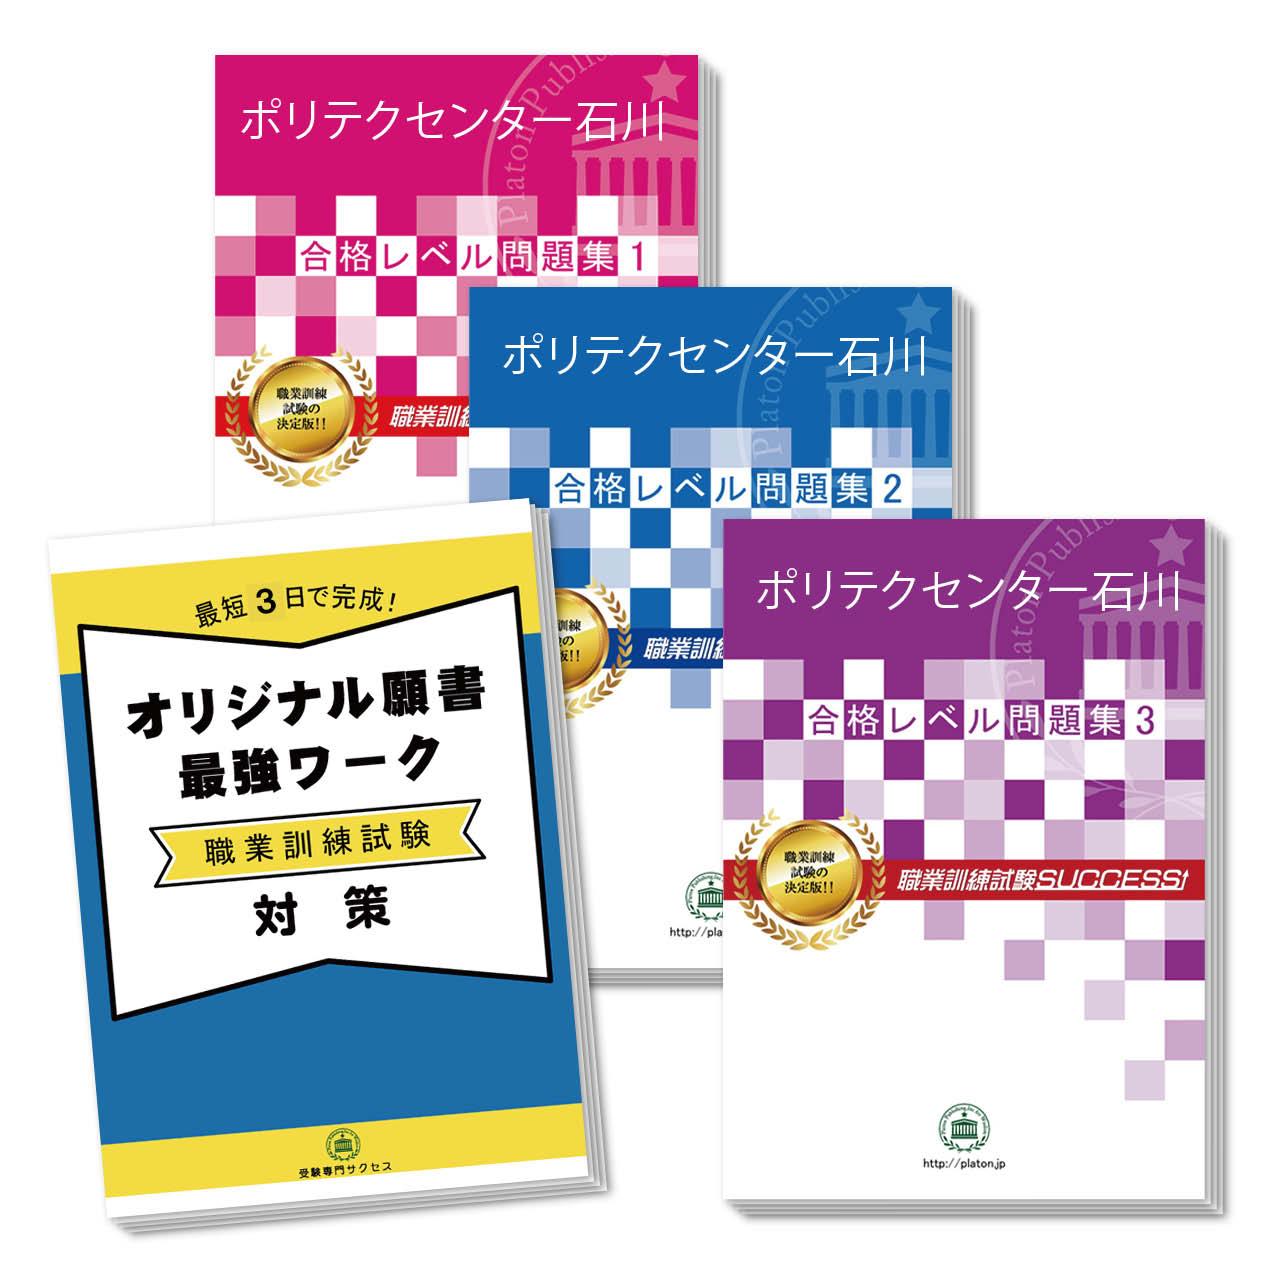 【送料・代引手数料無料】ポリテクセンター石川・受験合格セット(3冊)+オリジナル願書最強ワーク